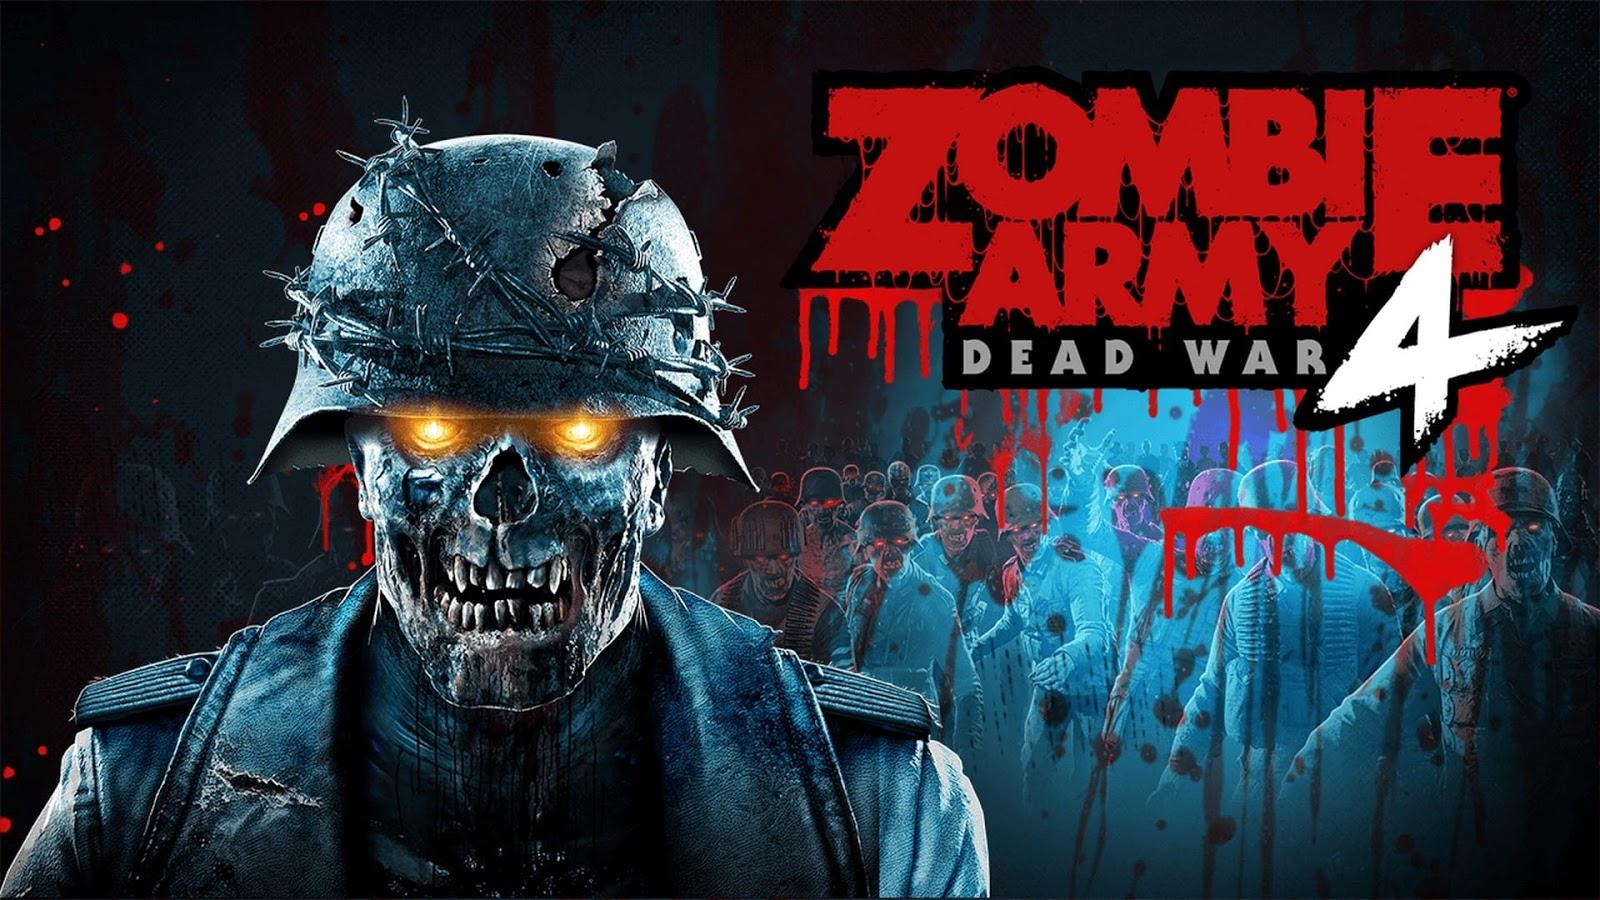 مراجعة Zombie Army 4 Dead War لا تفوتك بالفعل فانها الأفضل بدون منازع